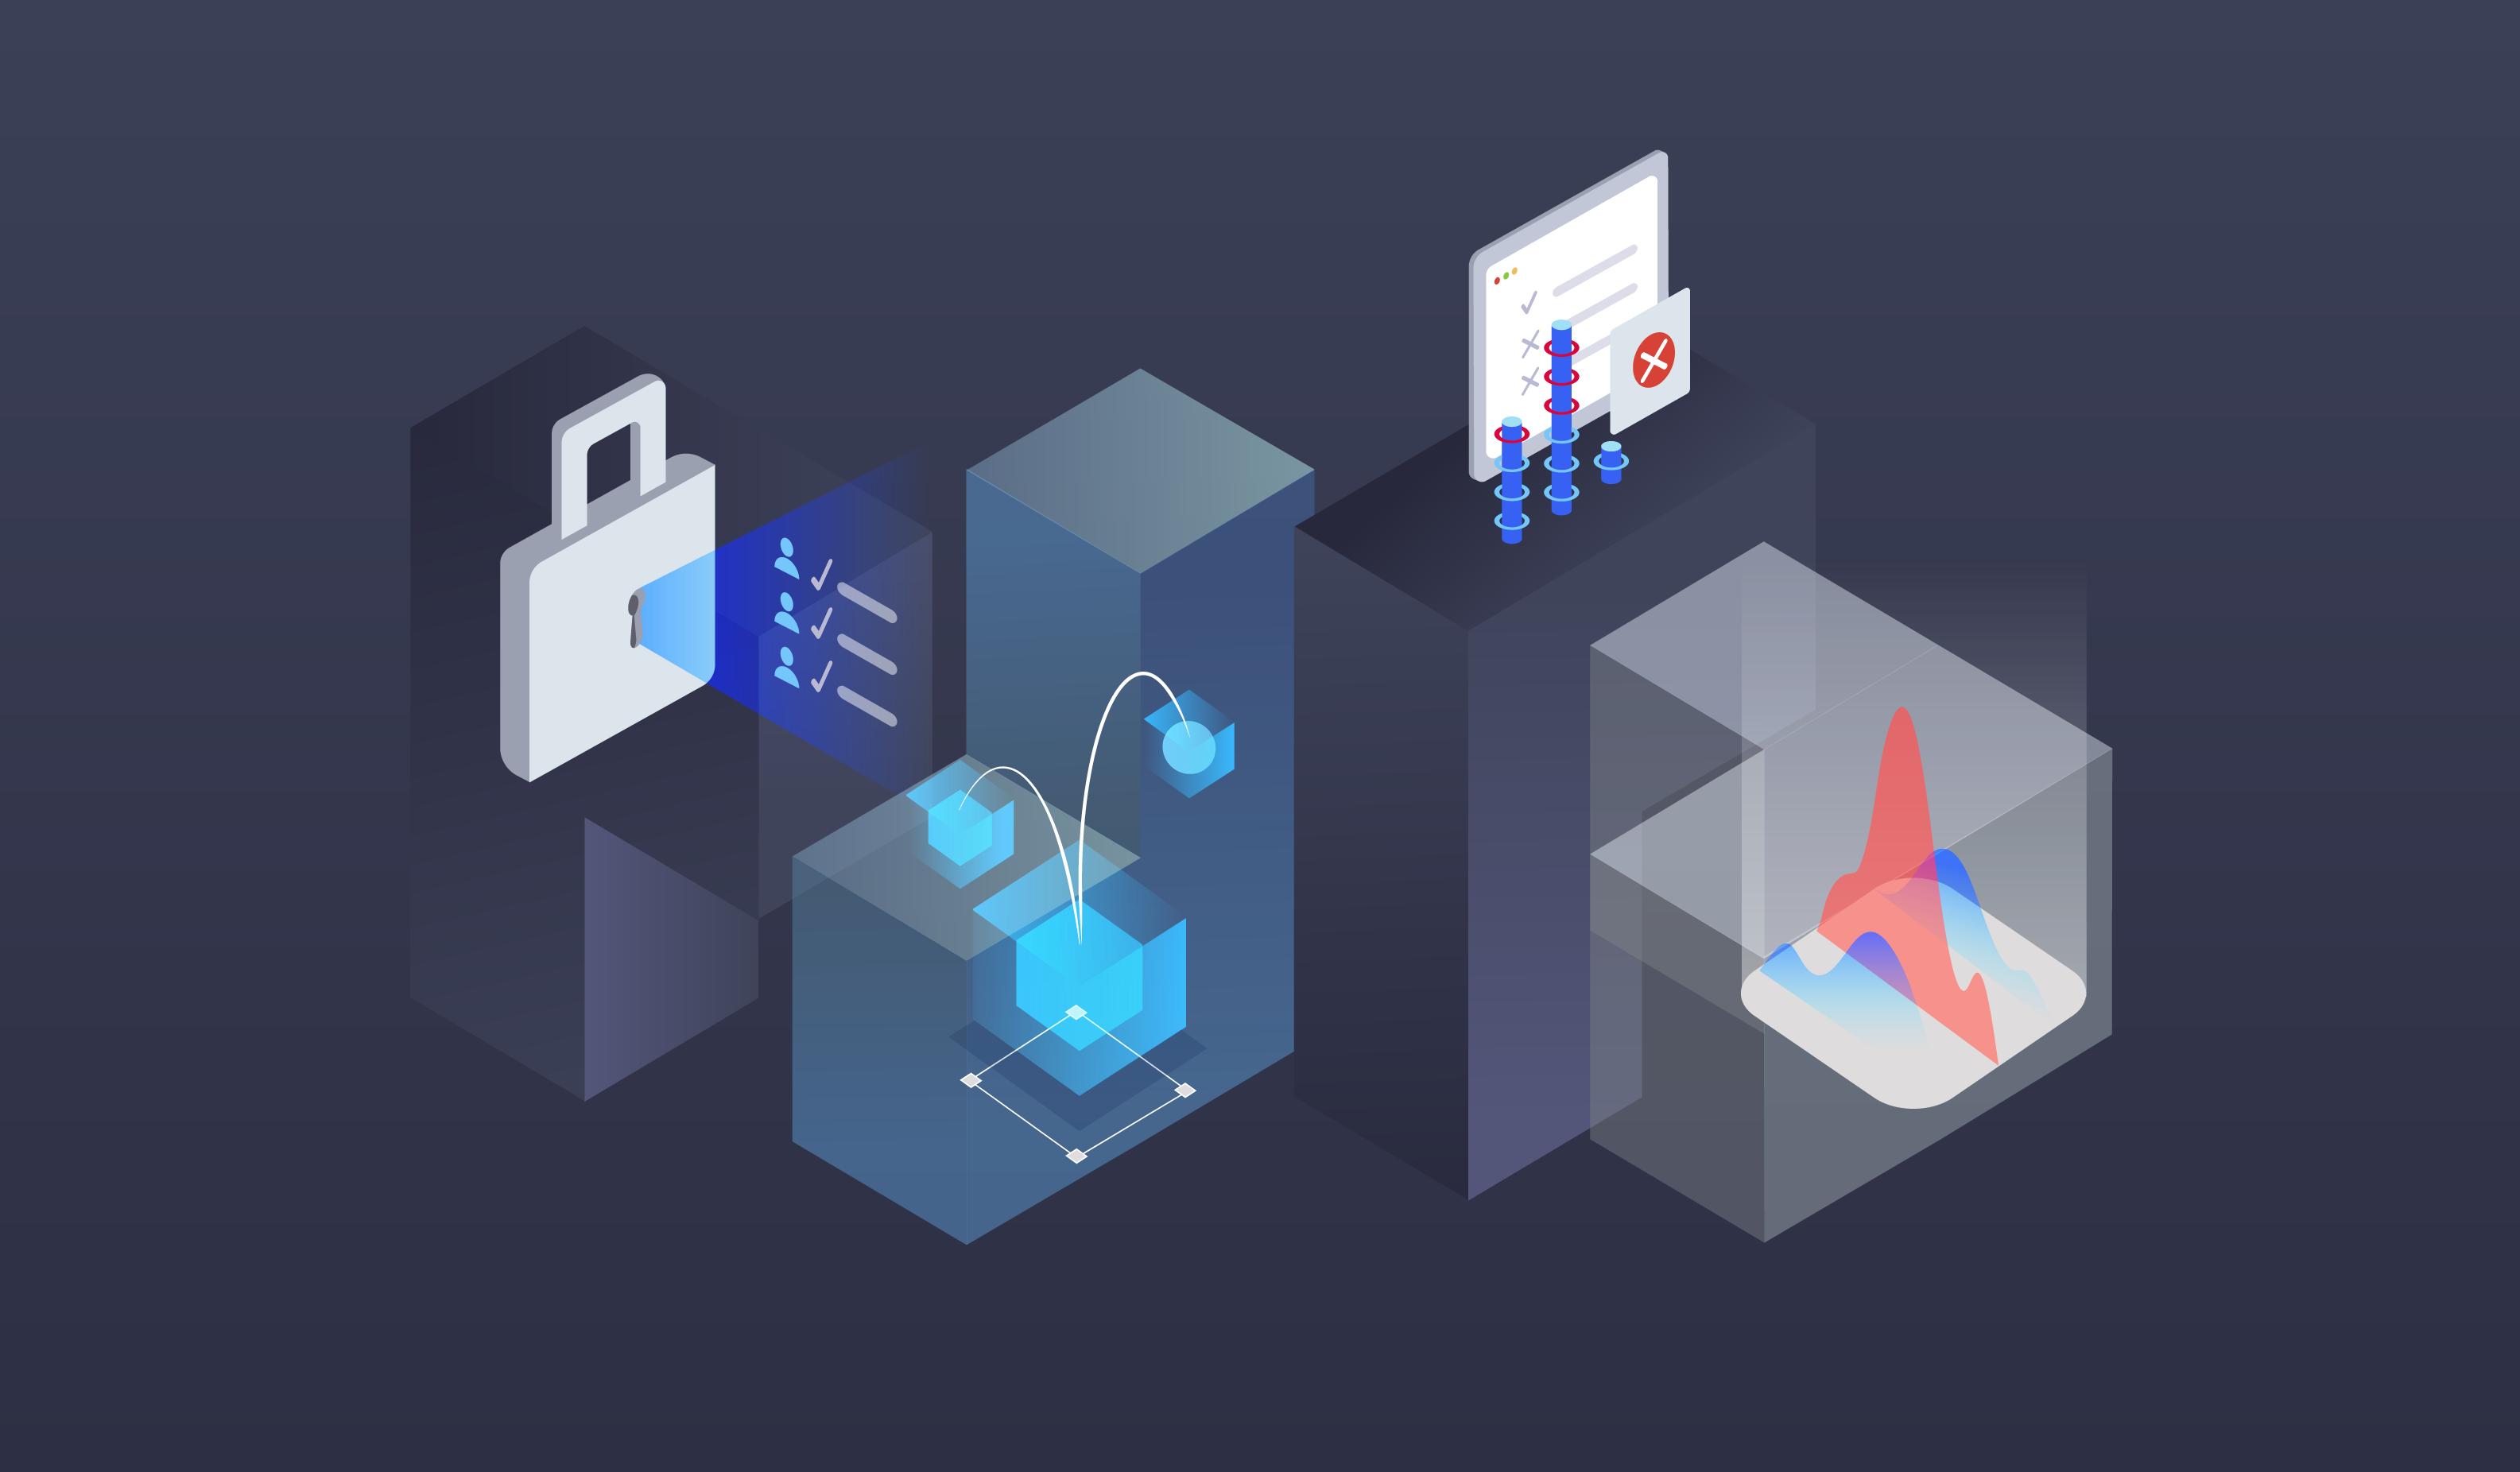 Как извлекать ценность из данных с помощью аналитической платформы от Factory5